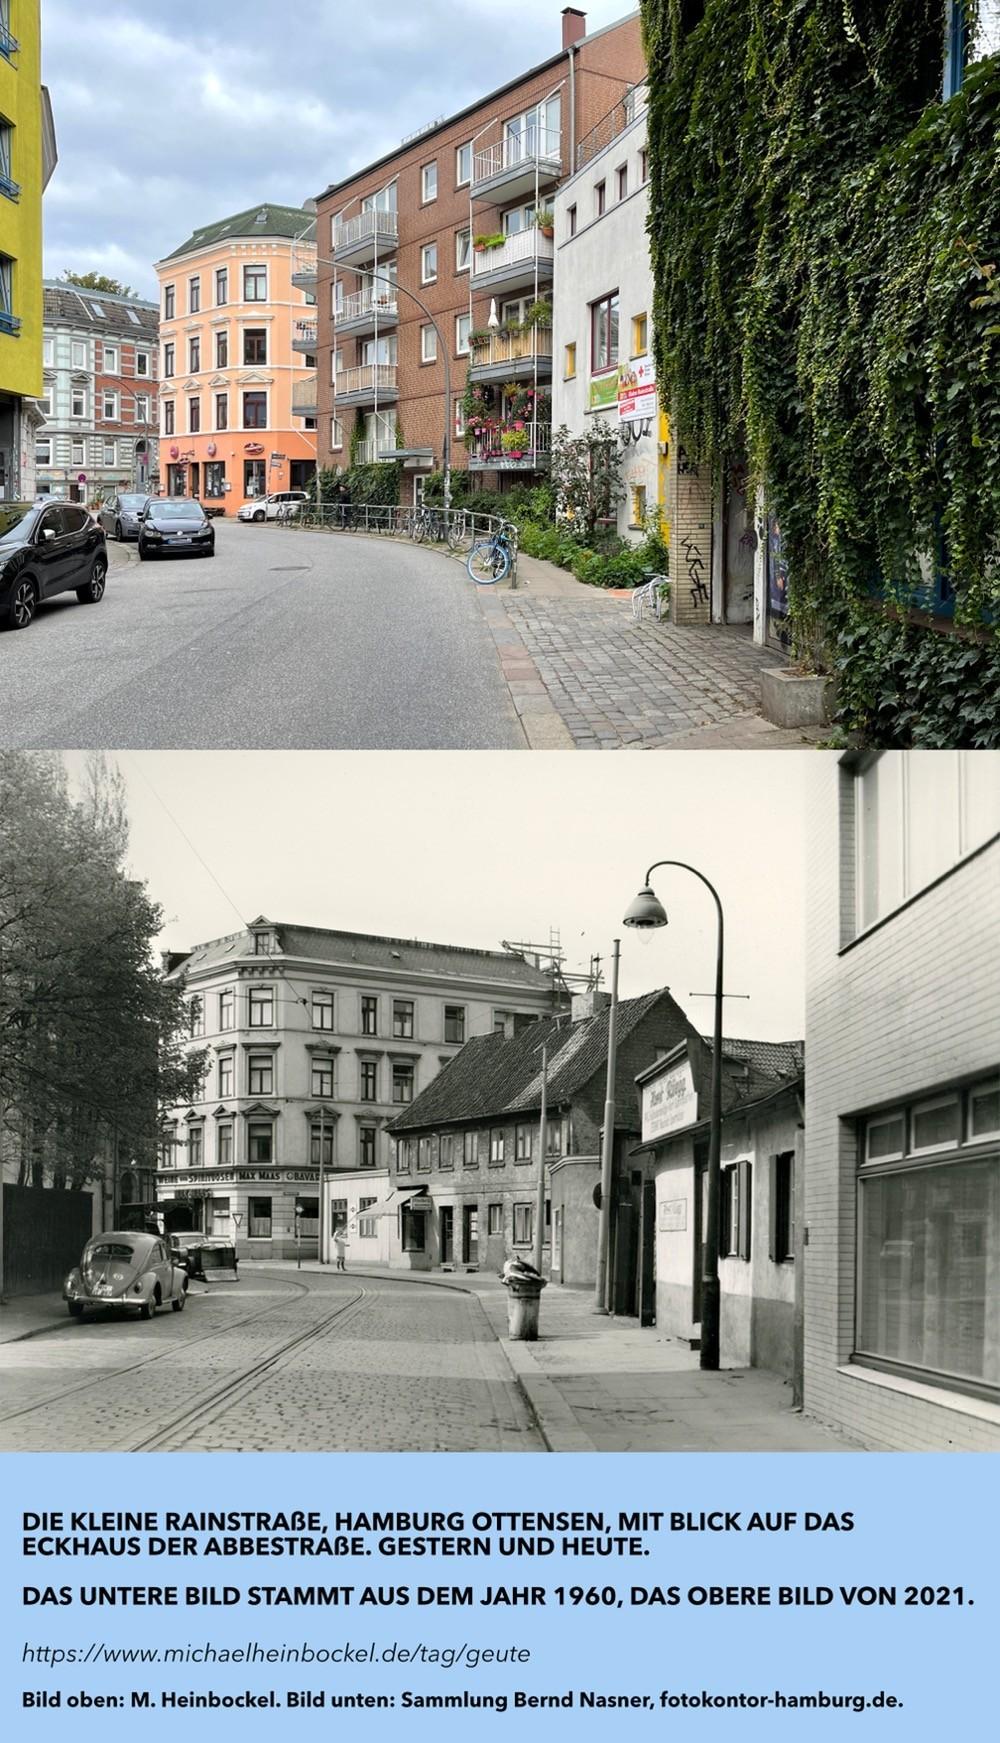 Kleine Rainstraße, Hamburg. #geute